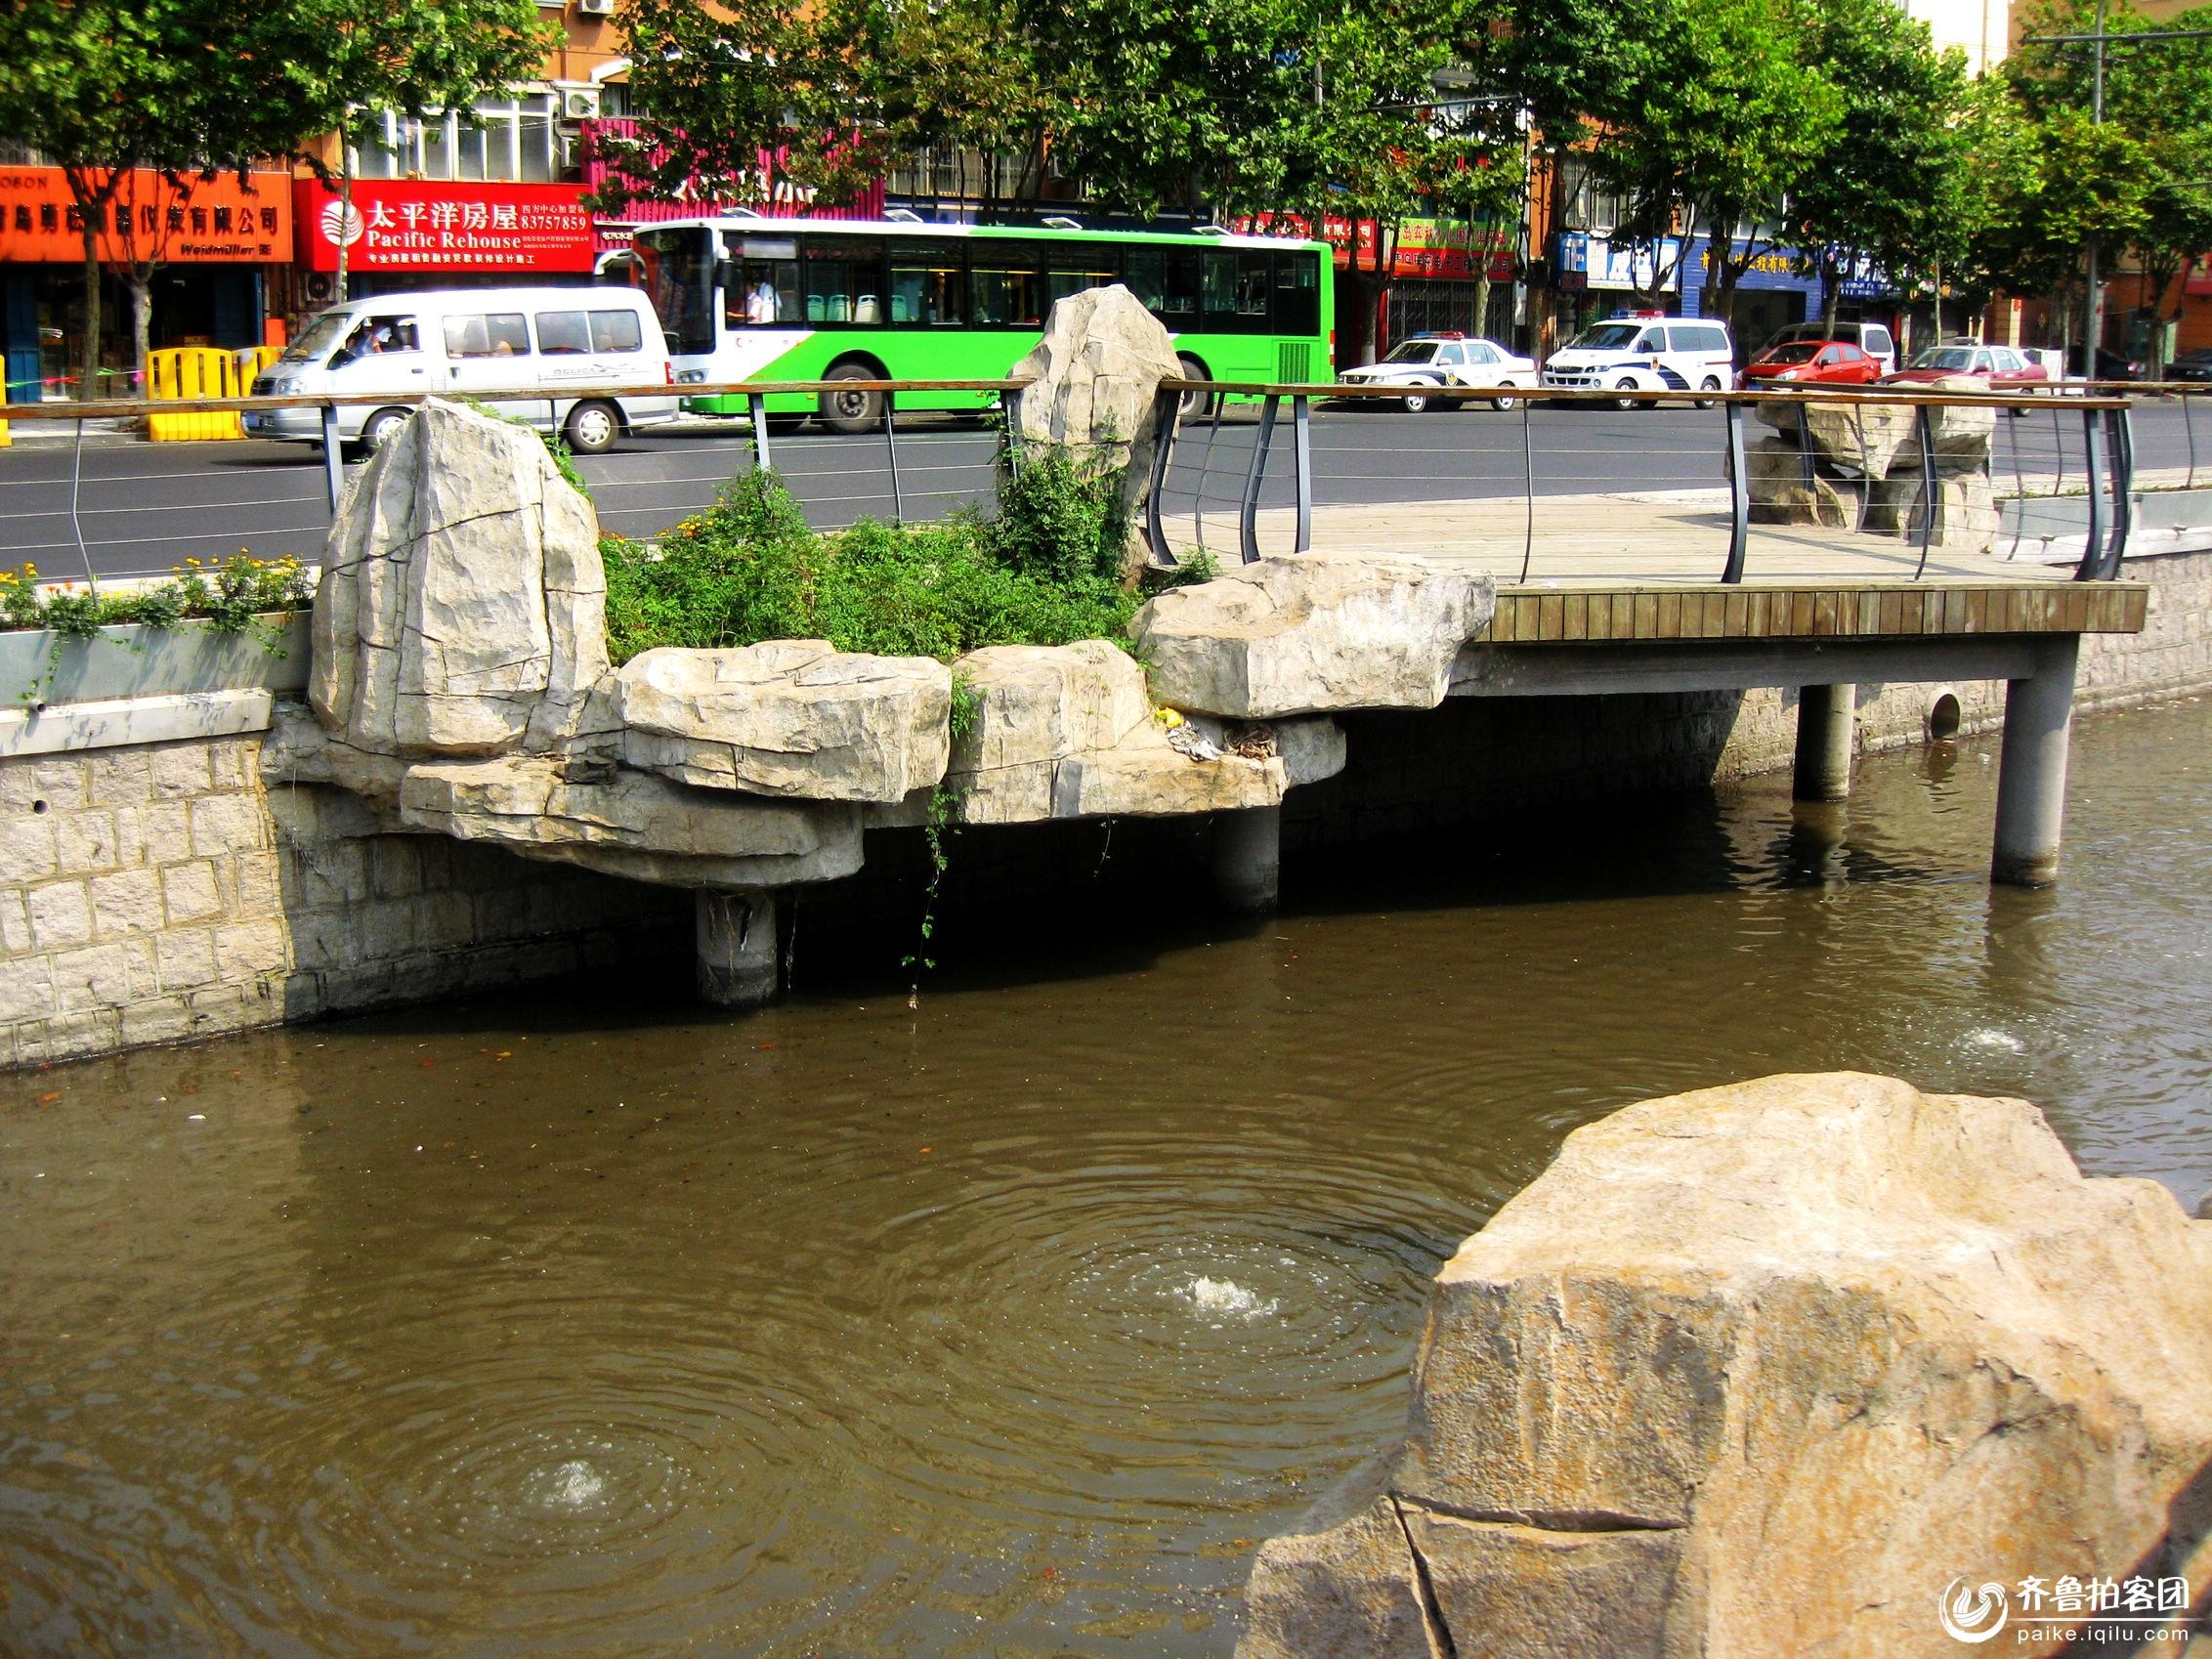 都说老四方杭州路河变美啦,作为老四方人一直未去看看。 今天在四机门口下车,冒着烈日游逛一下,果不其然,有假山、有水、岸边有草坪、花坛、绿树,水虽不是很清,但有人工涌泉,呈绿树倒影,是个休闲拍摄好去处......